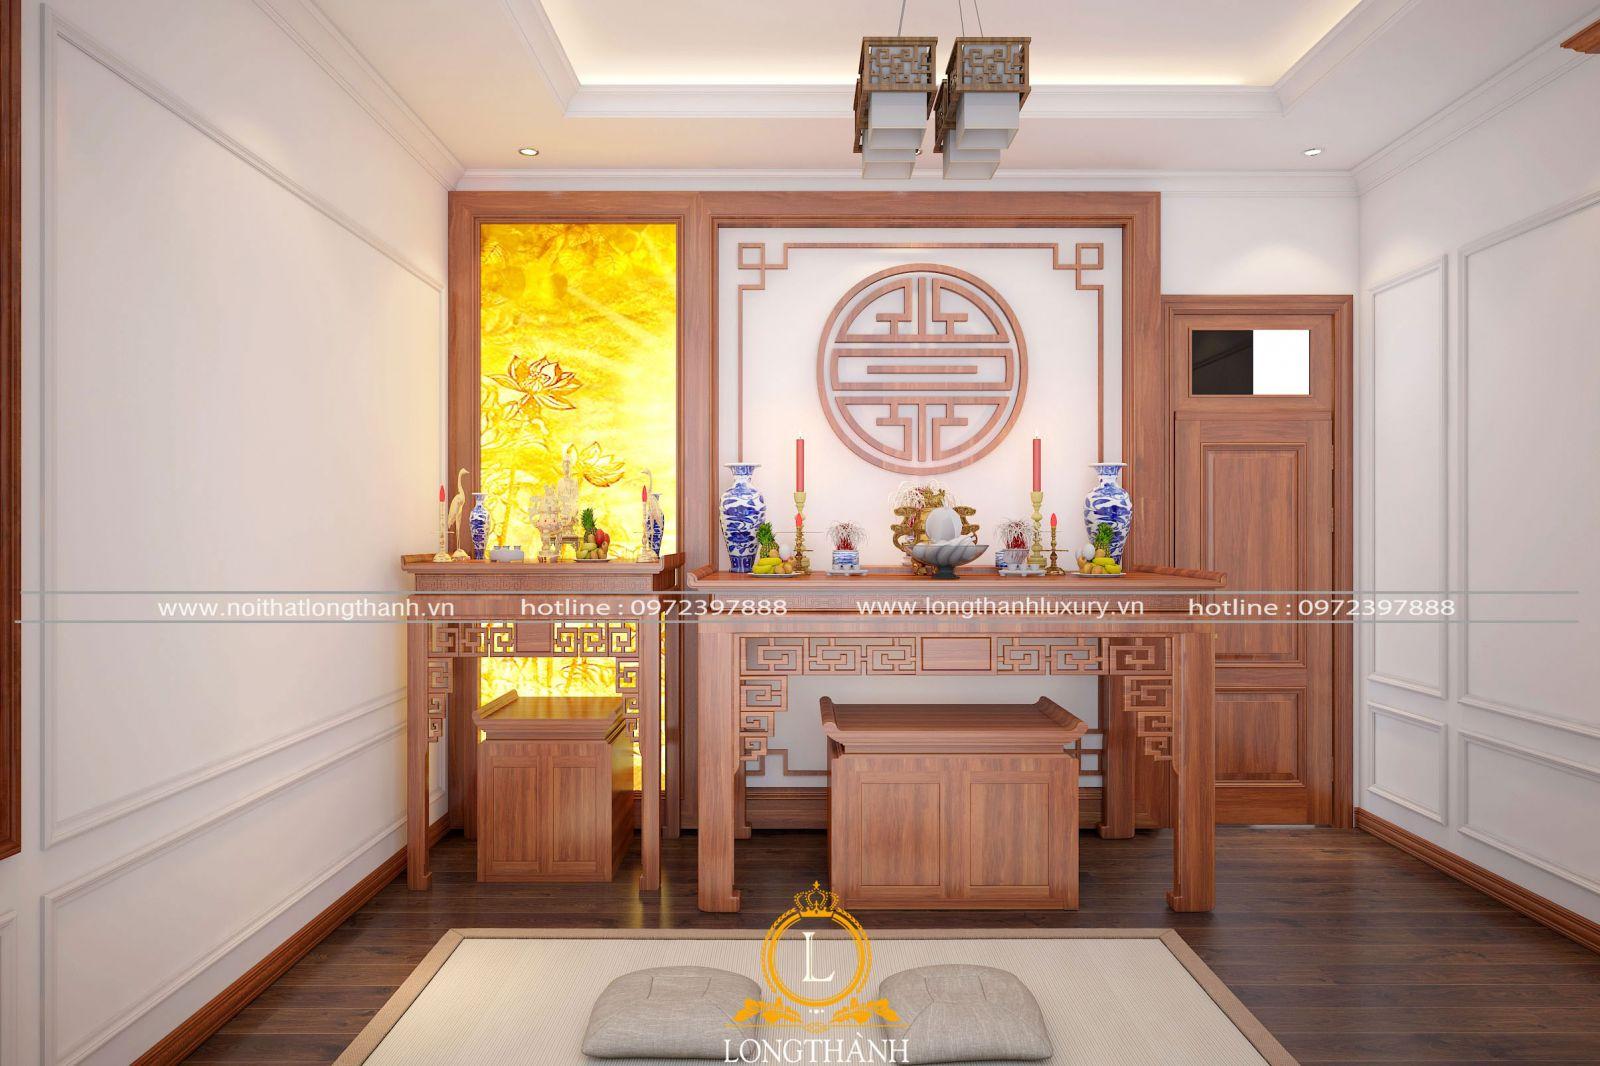 Thiết kế phòng thờ hiện đại cho không gian nhà rộng